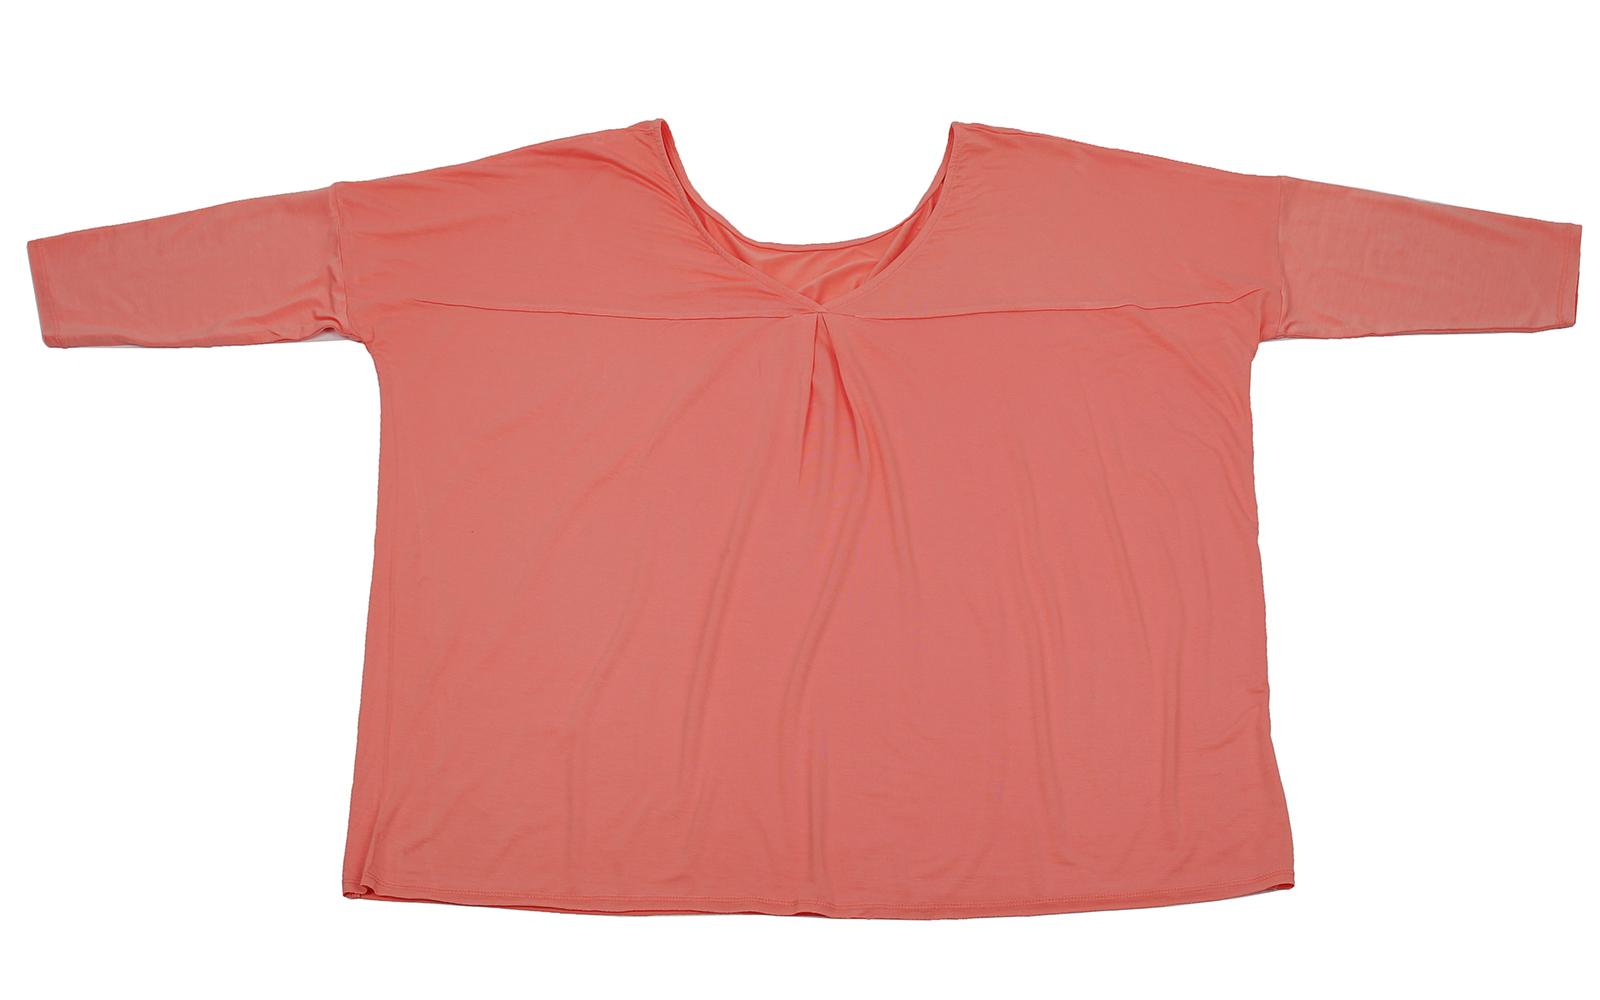 Кофточка Karisma популярного кораллового цвета. Модная вещь по супер-цене